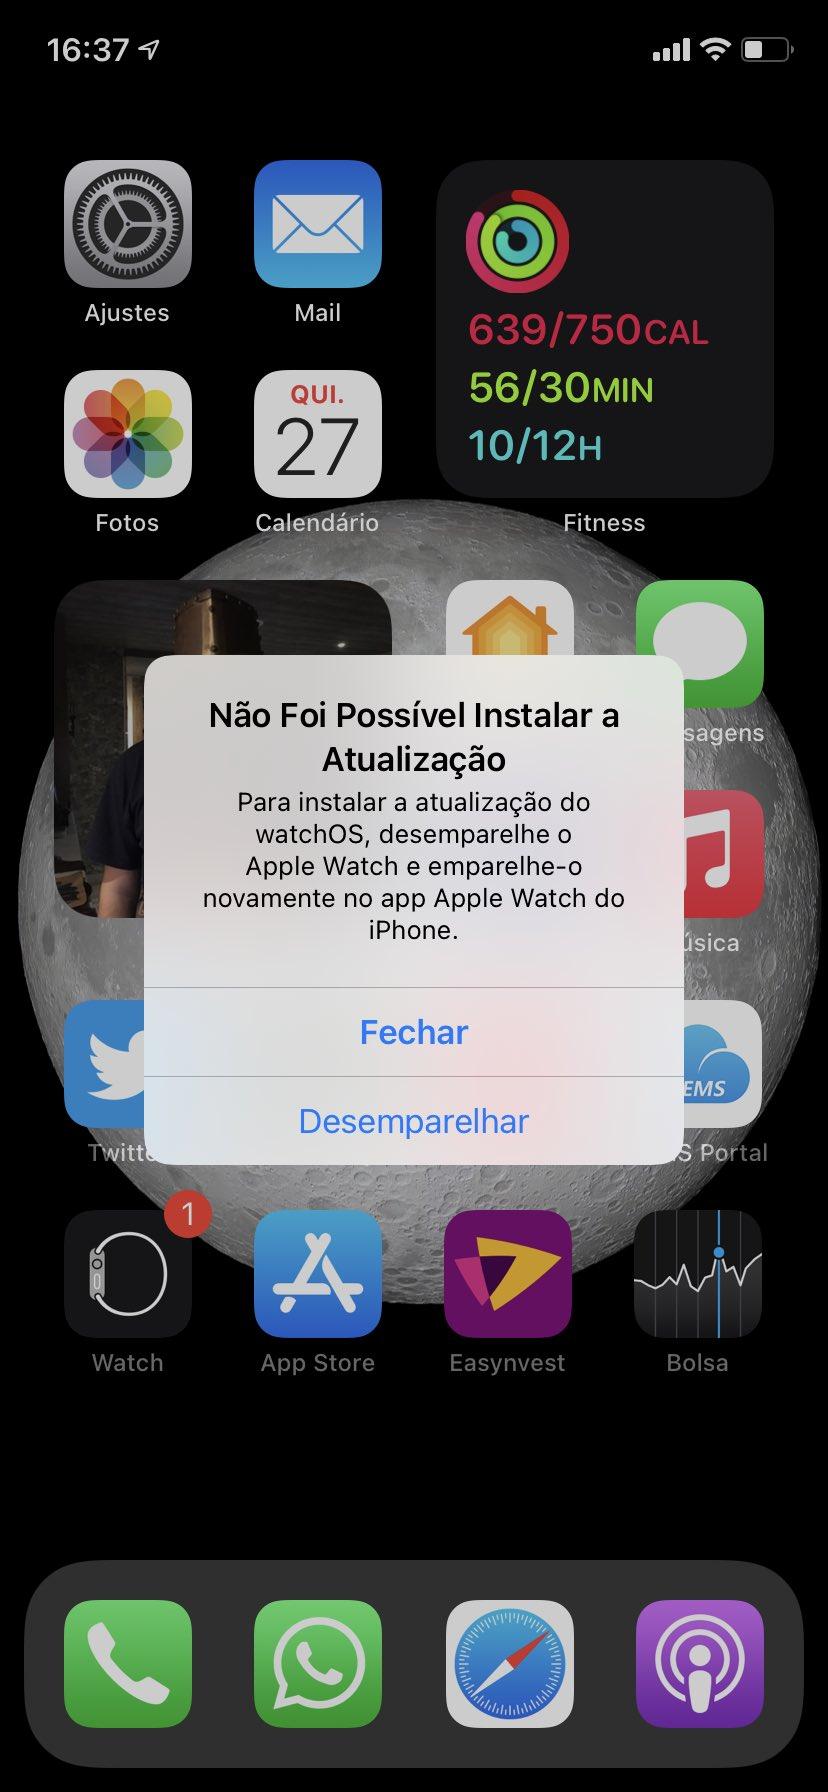 iOS 14.6 watchOS 7 Mise A Jour Apple Watch Series 3 iOS 14.6 invite les utilisateurs dApple Watch Series 3 à restaurer leur montre avant la mise à jour